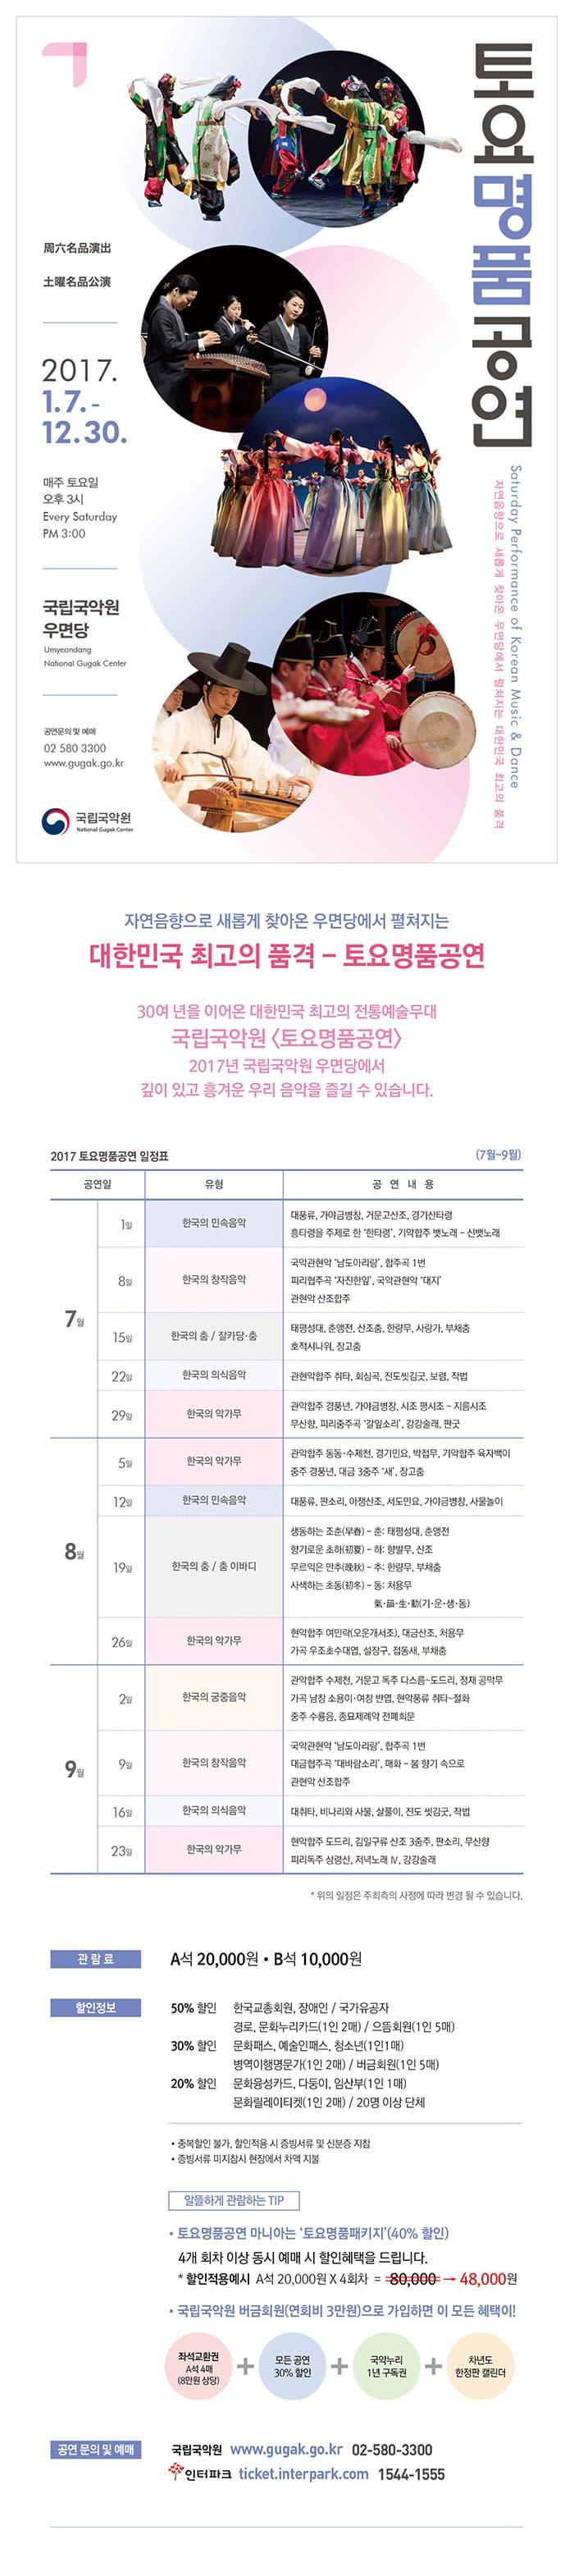 2017 토요명품공연(7월)